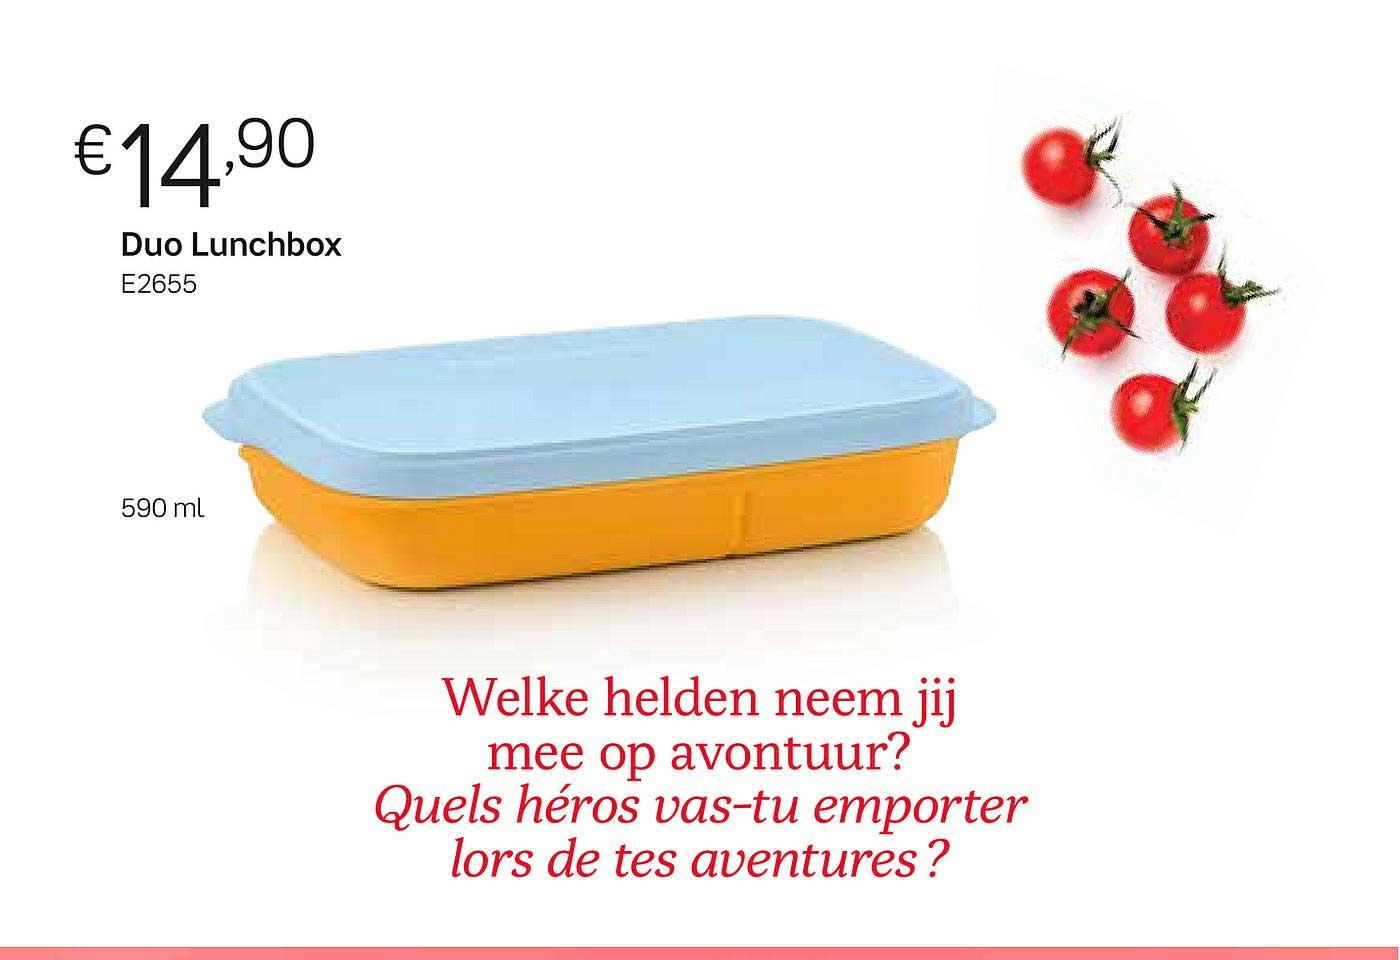 Tupperware Duo Lunchbox